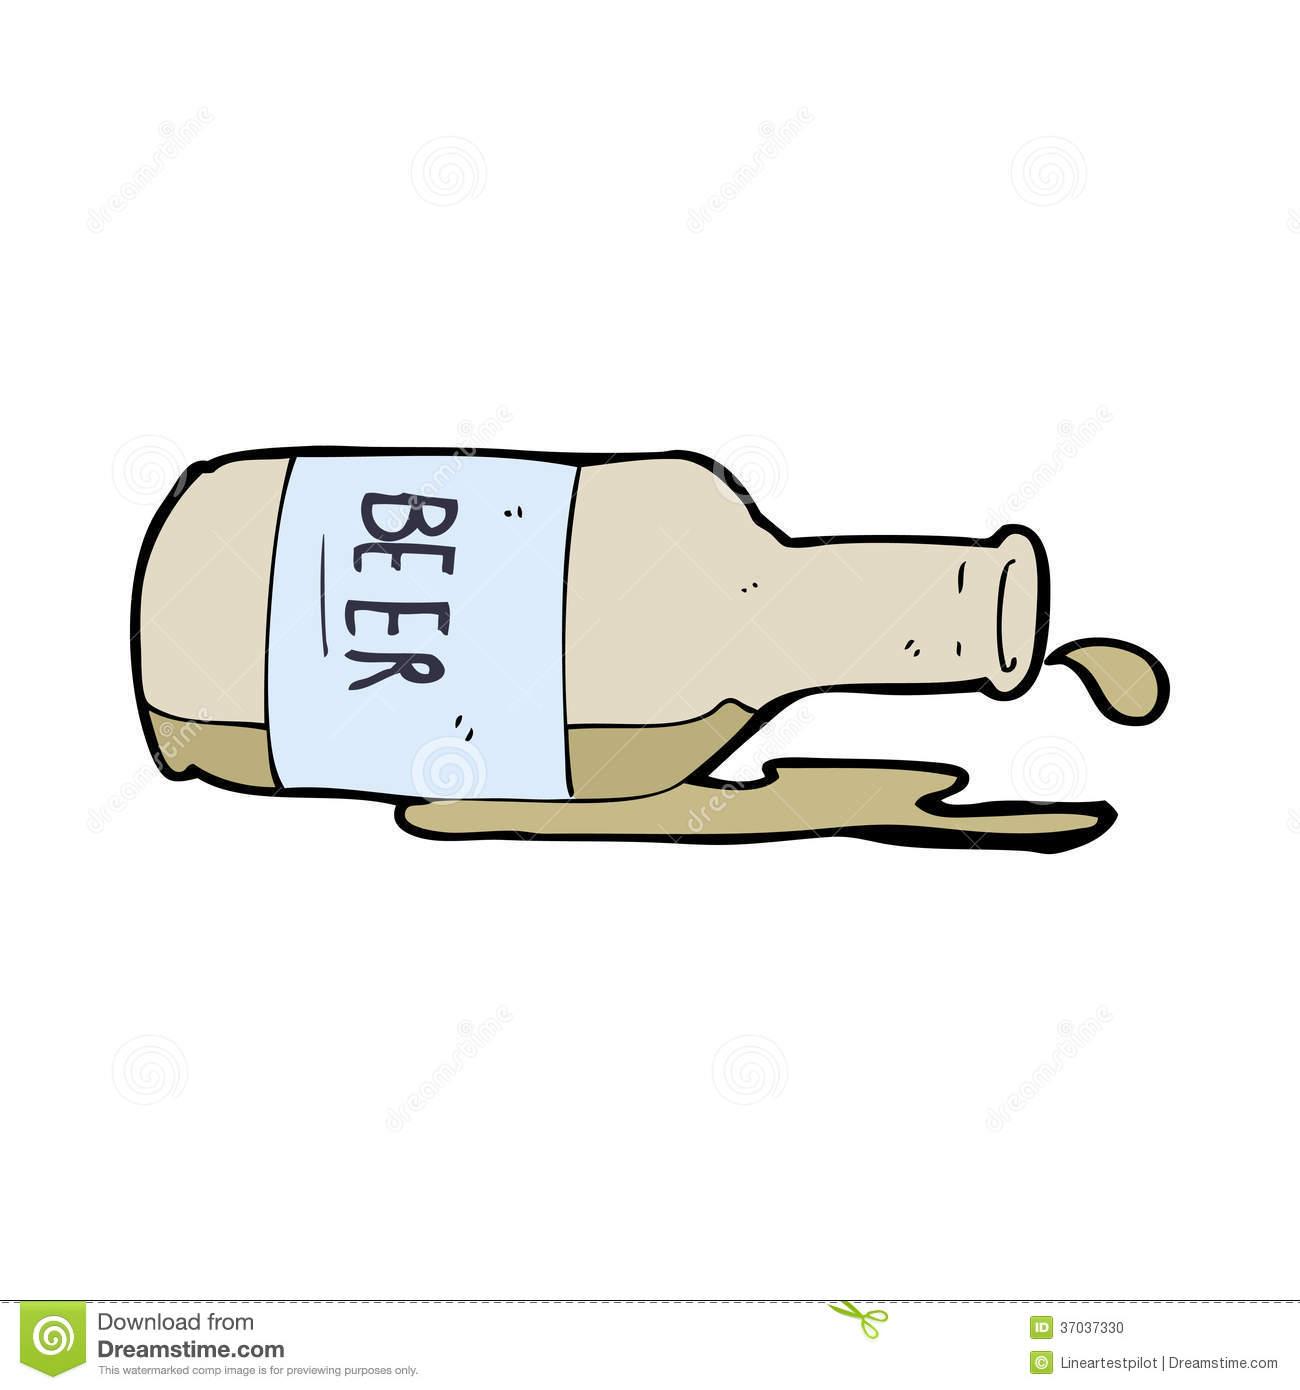 Spilled Beer Bottle Clipart.